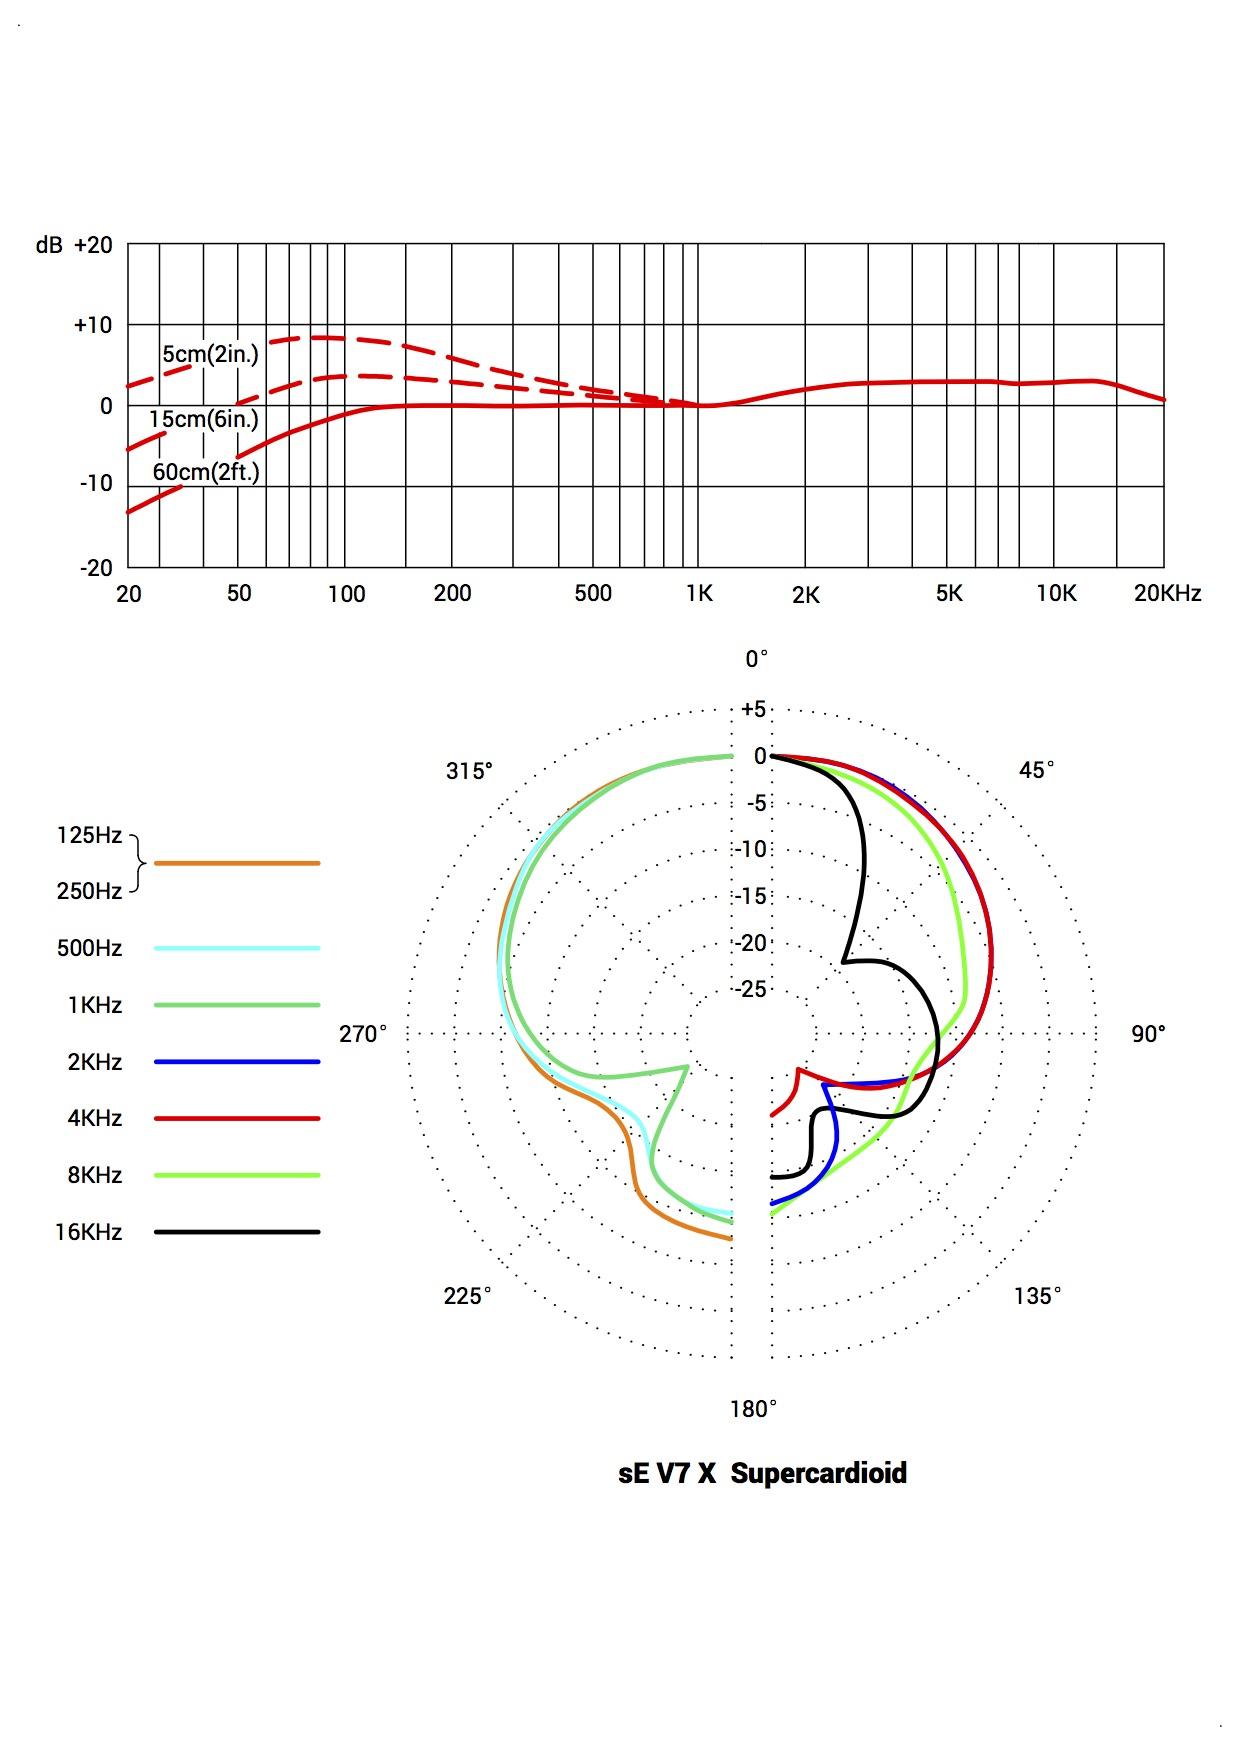 V7 X Supercardioid.jpg